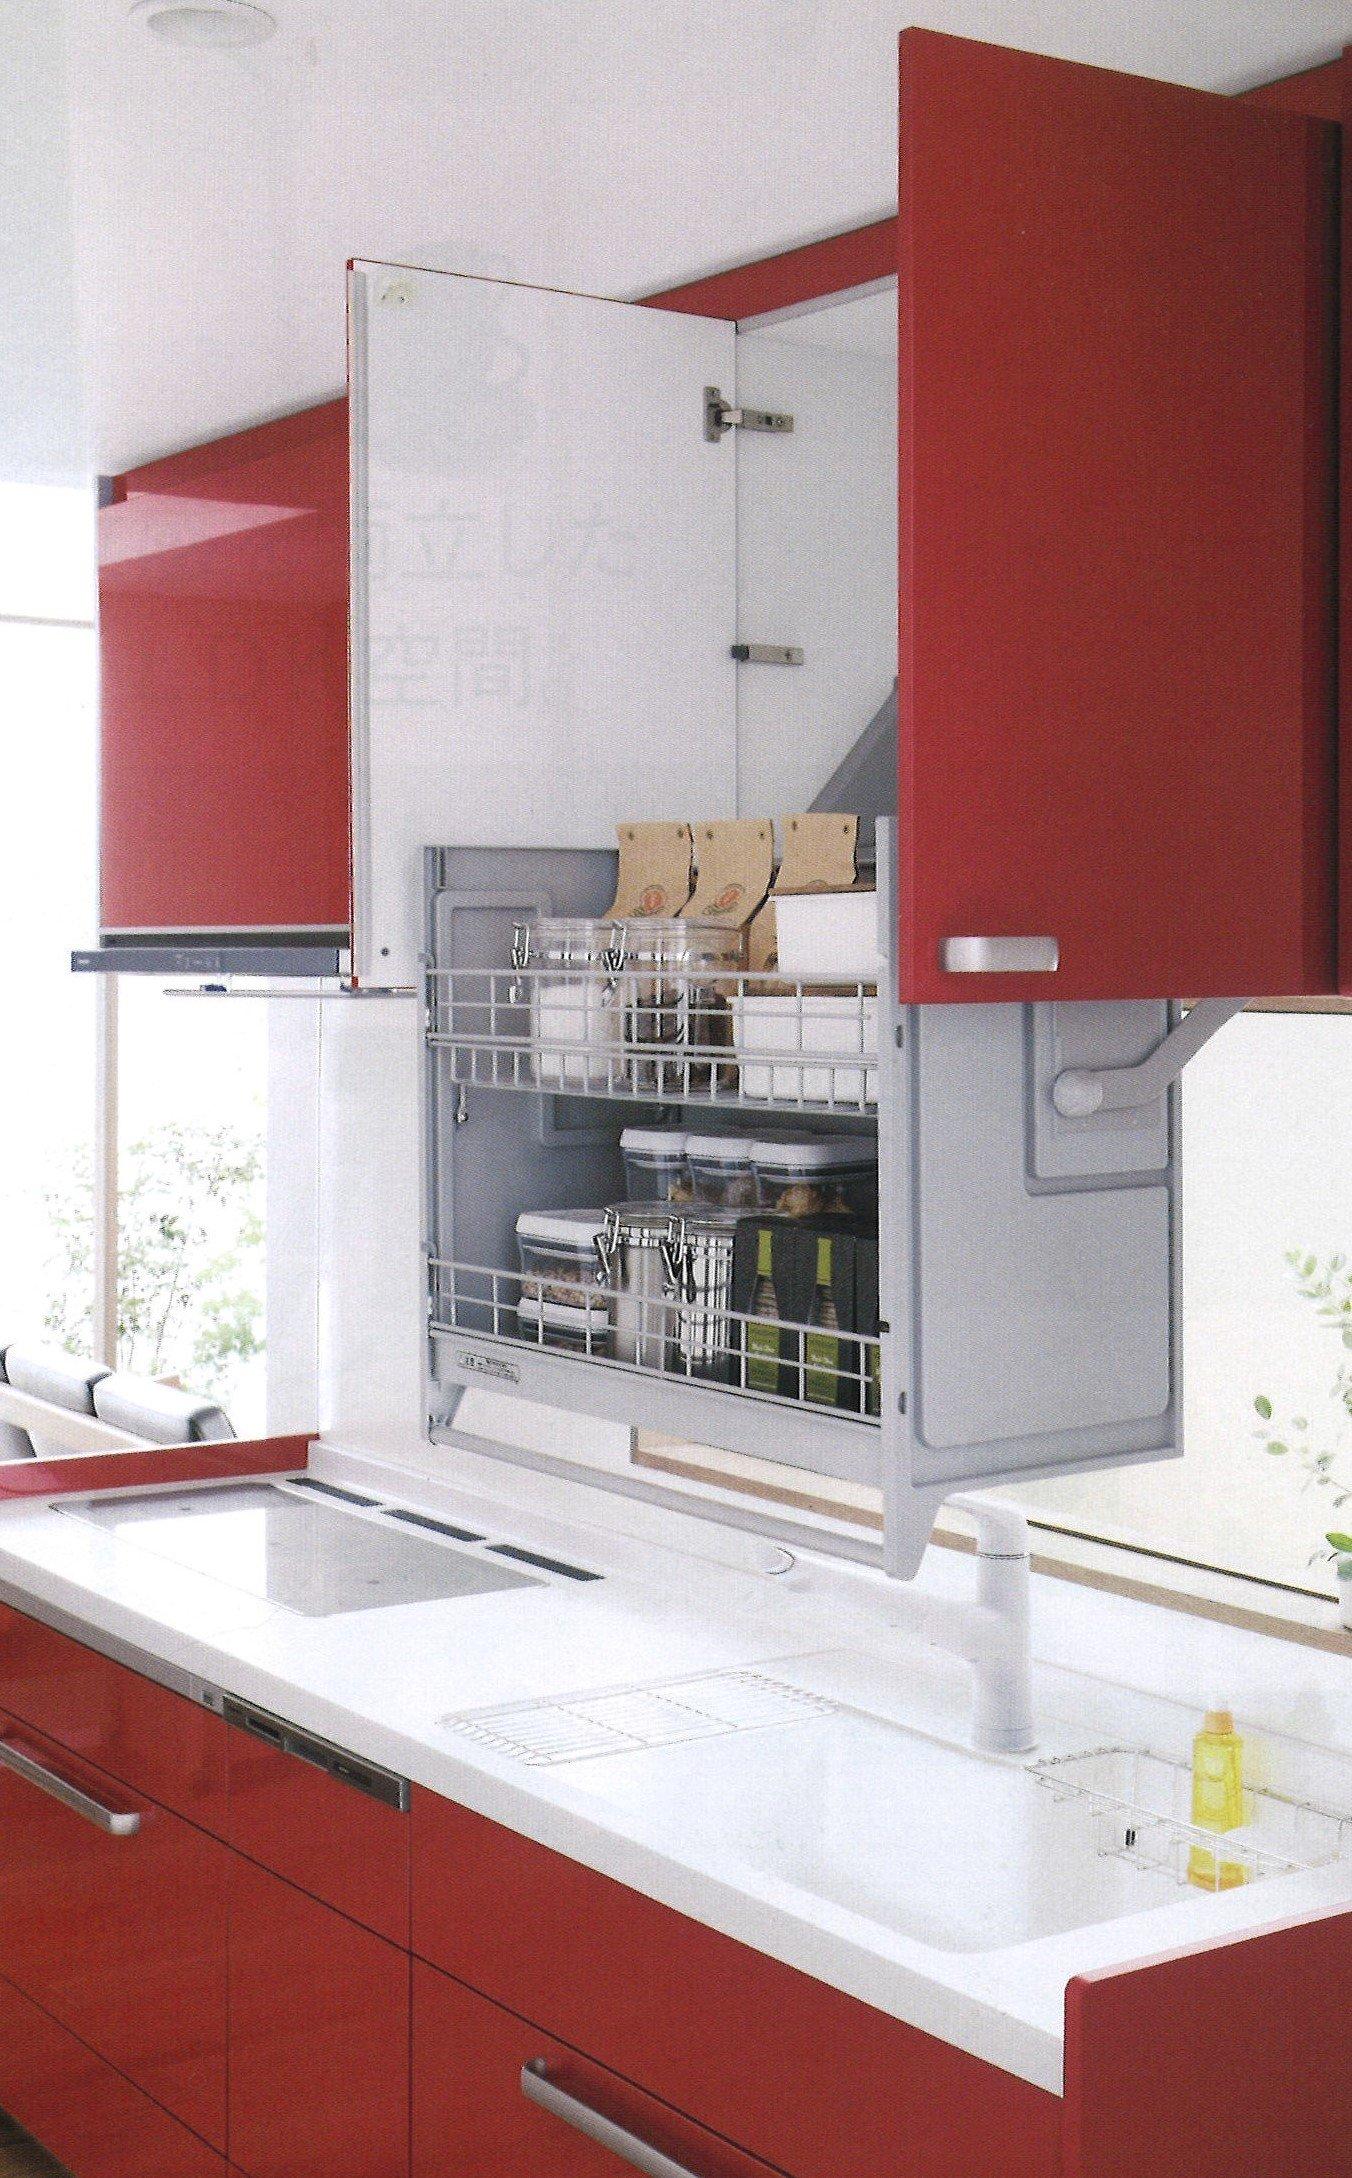 Panasonic システムキッチン 吊戸棚で使い勝手をアップした壁付けキッチンのリフォーム商品プラン 鮫島工業施工のイメージその2